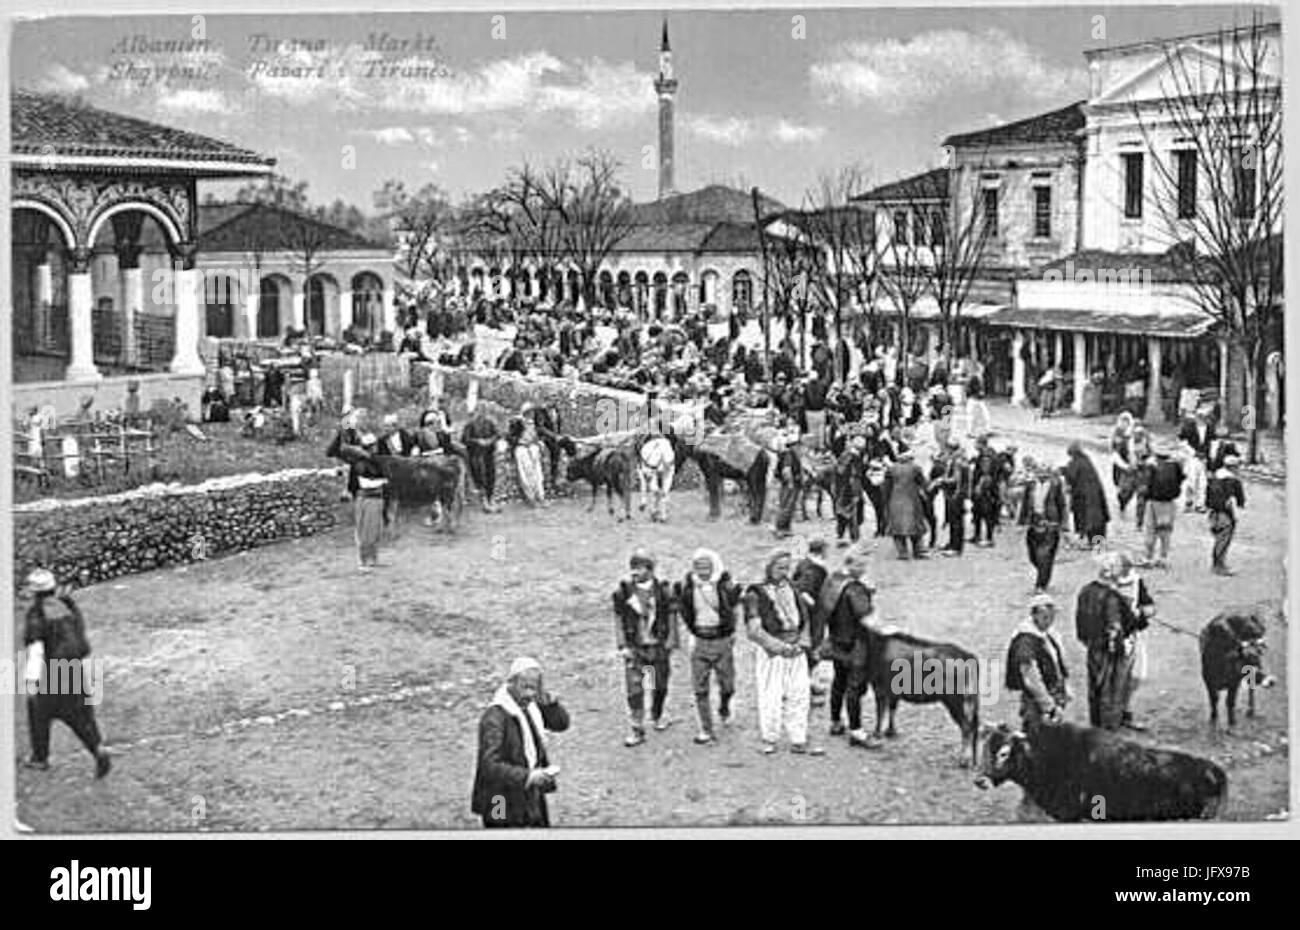 Bazar Tirana 28ca. 190029 - Stock Image